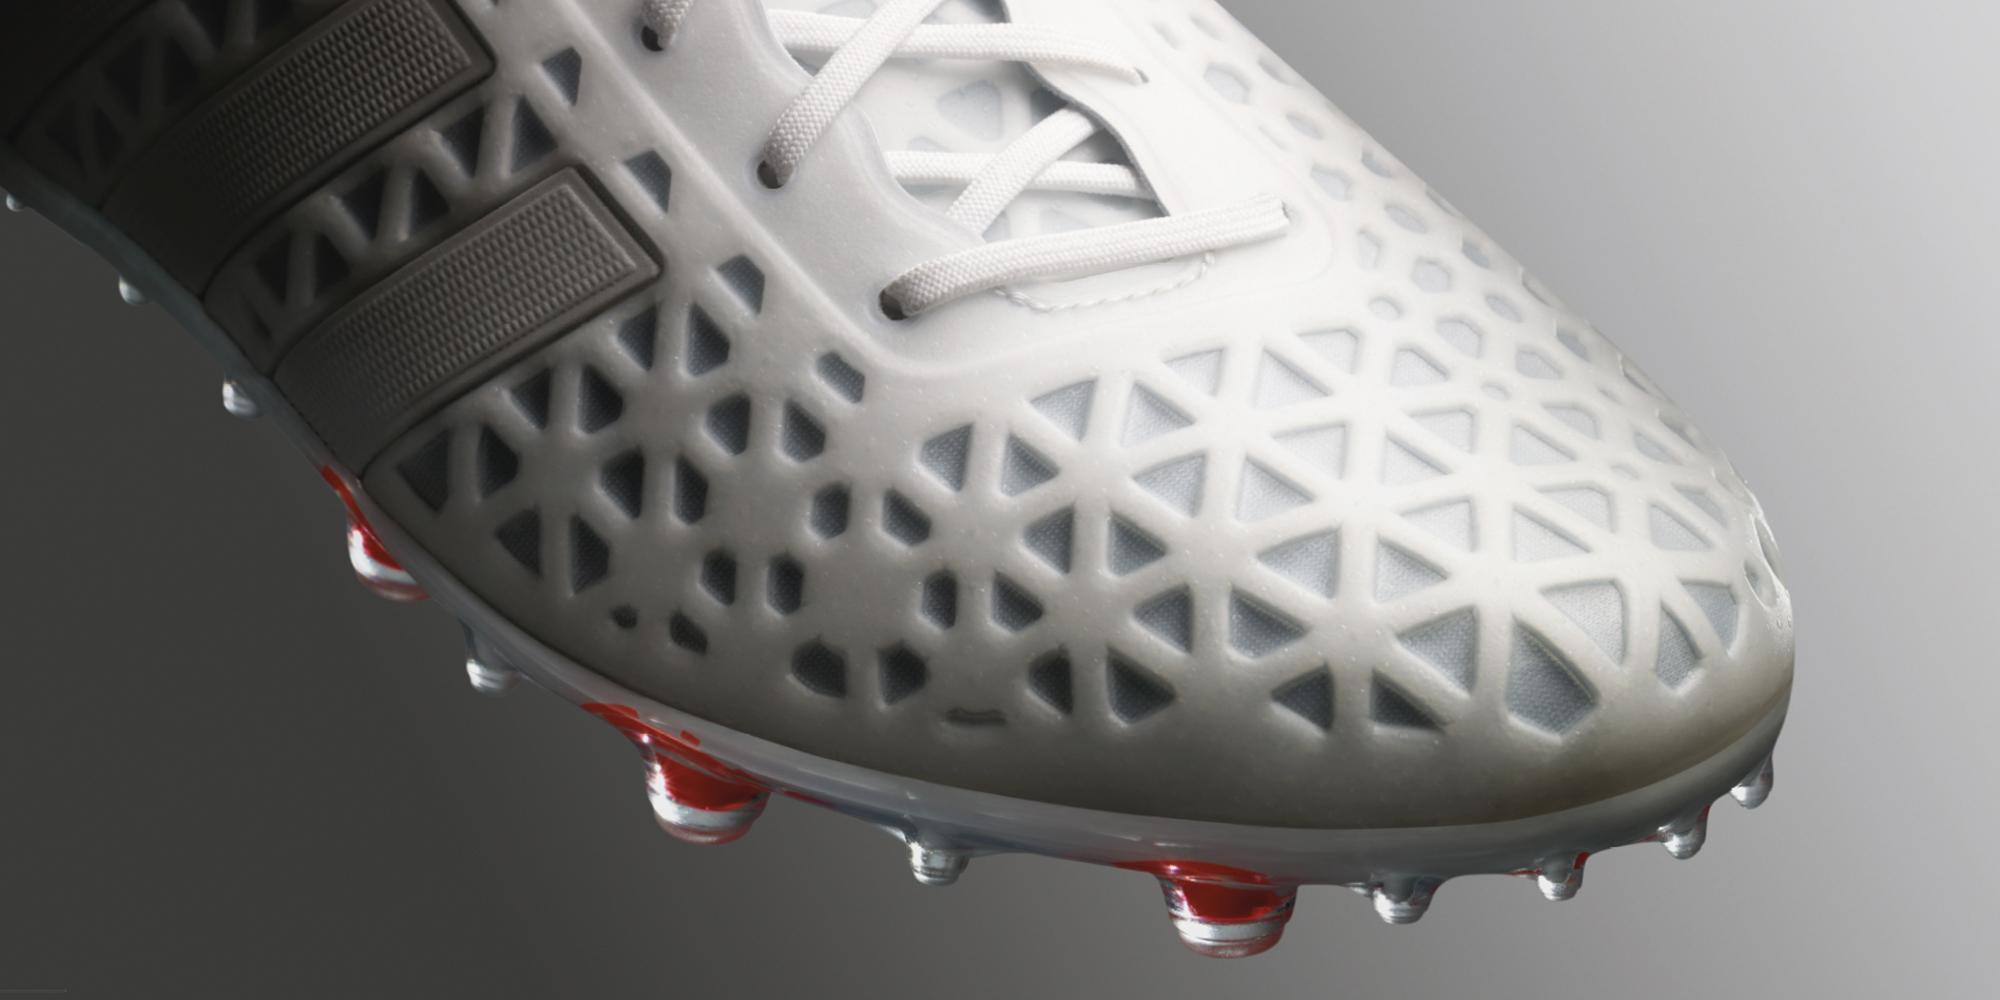 hvide-adidas-ace15-02-fodboldfreak